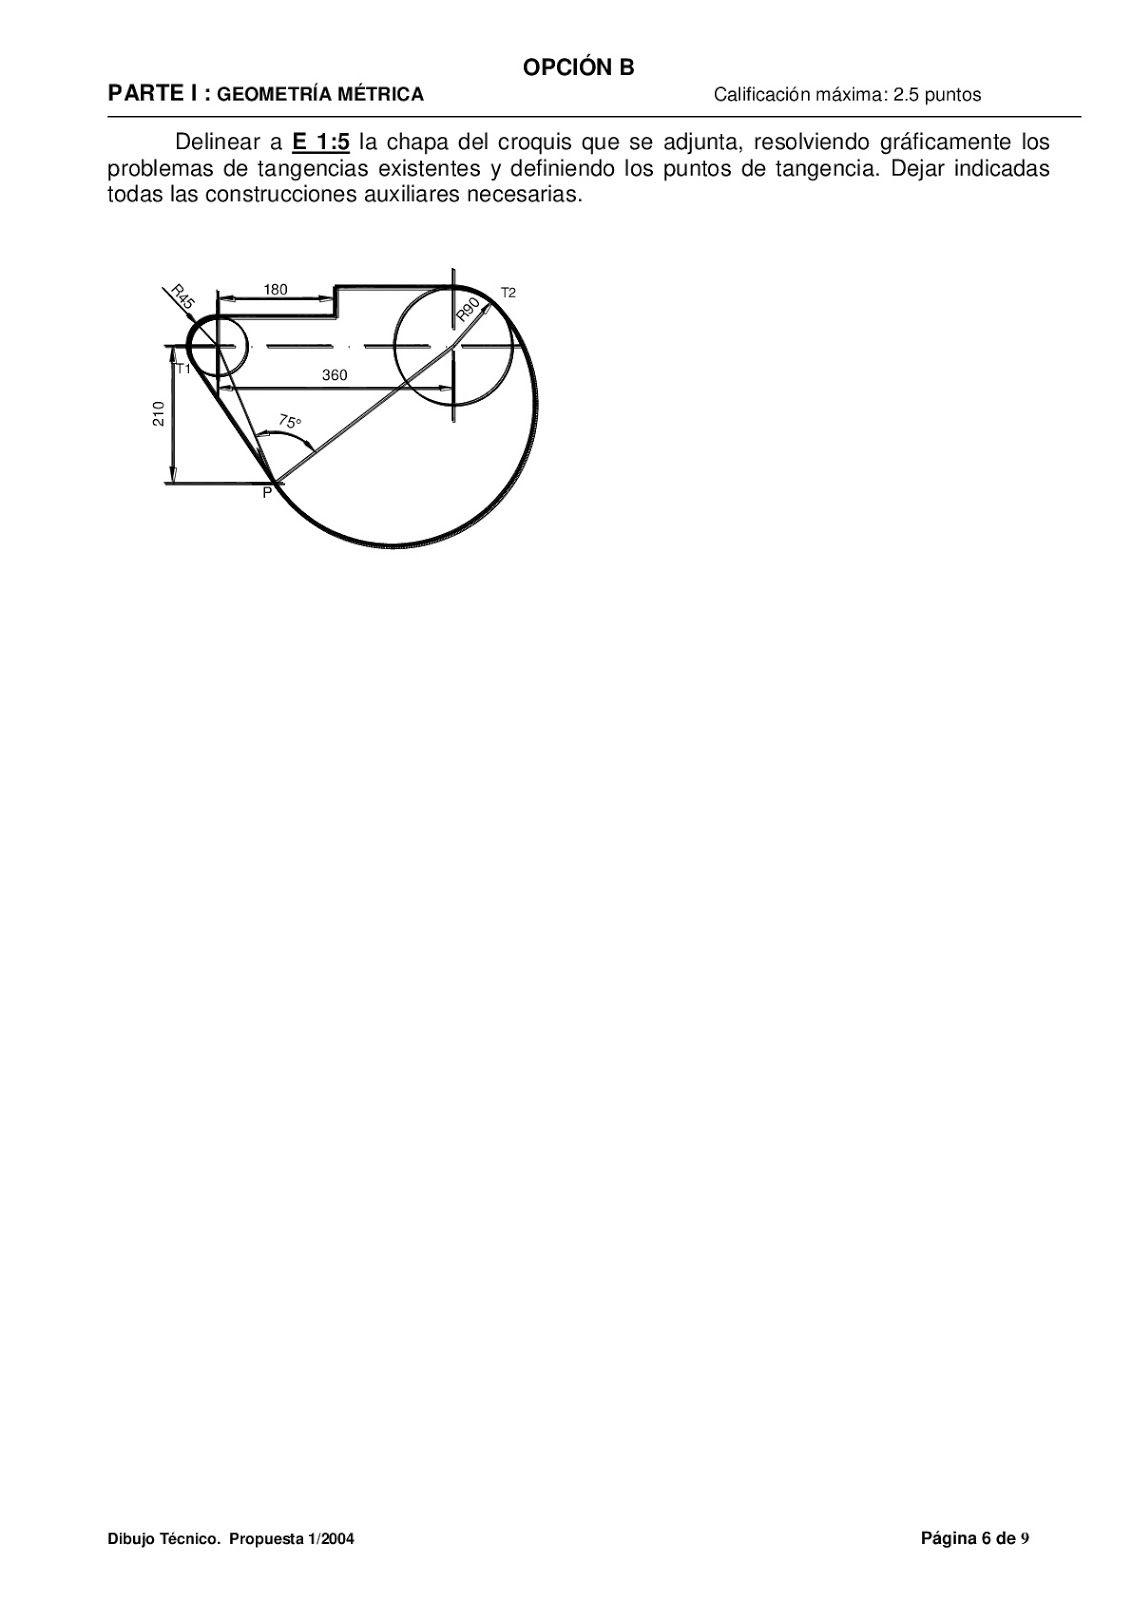 Examenes De Evaluacion Bachillerato Dibujo Tecnico Para El Acceso A La Universidad Ebau 2018 Convocatorias Ju Bachillerato Dibujo Tecnico Ejercicios Examen